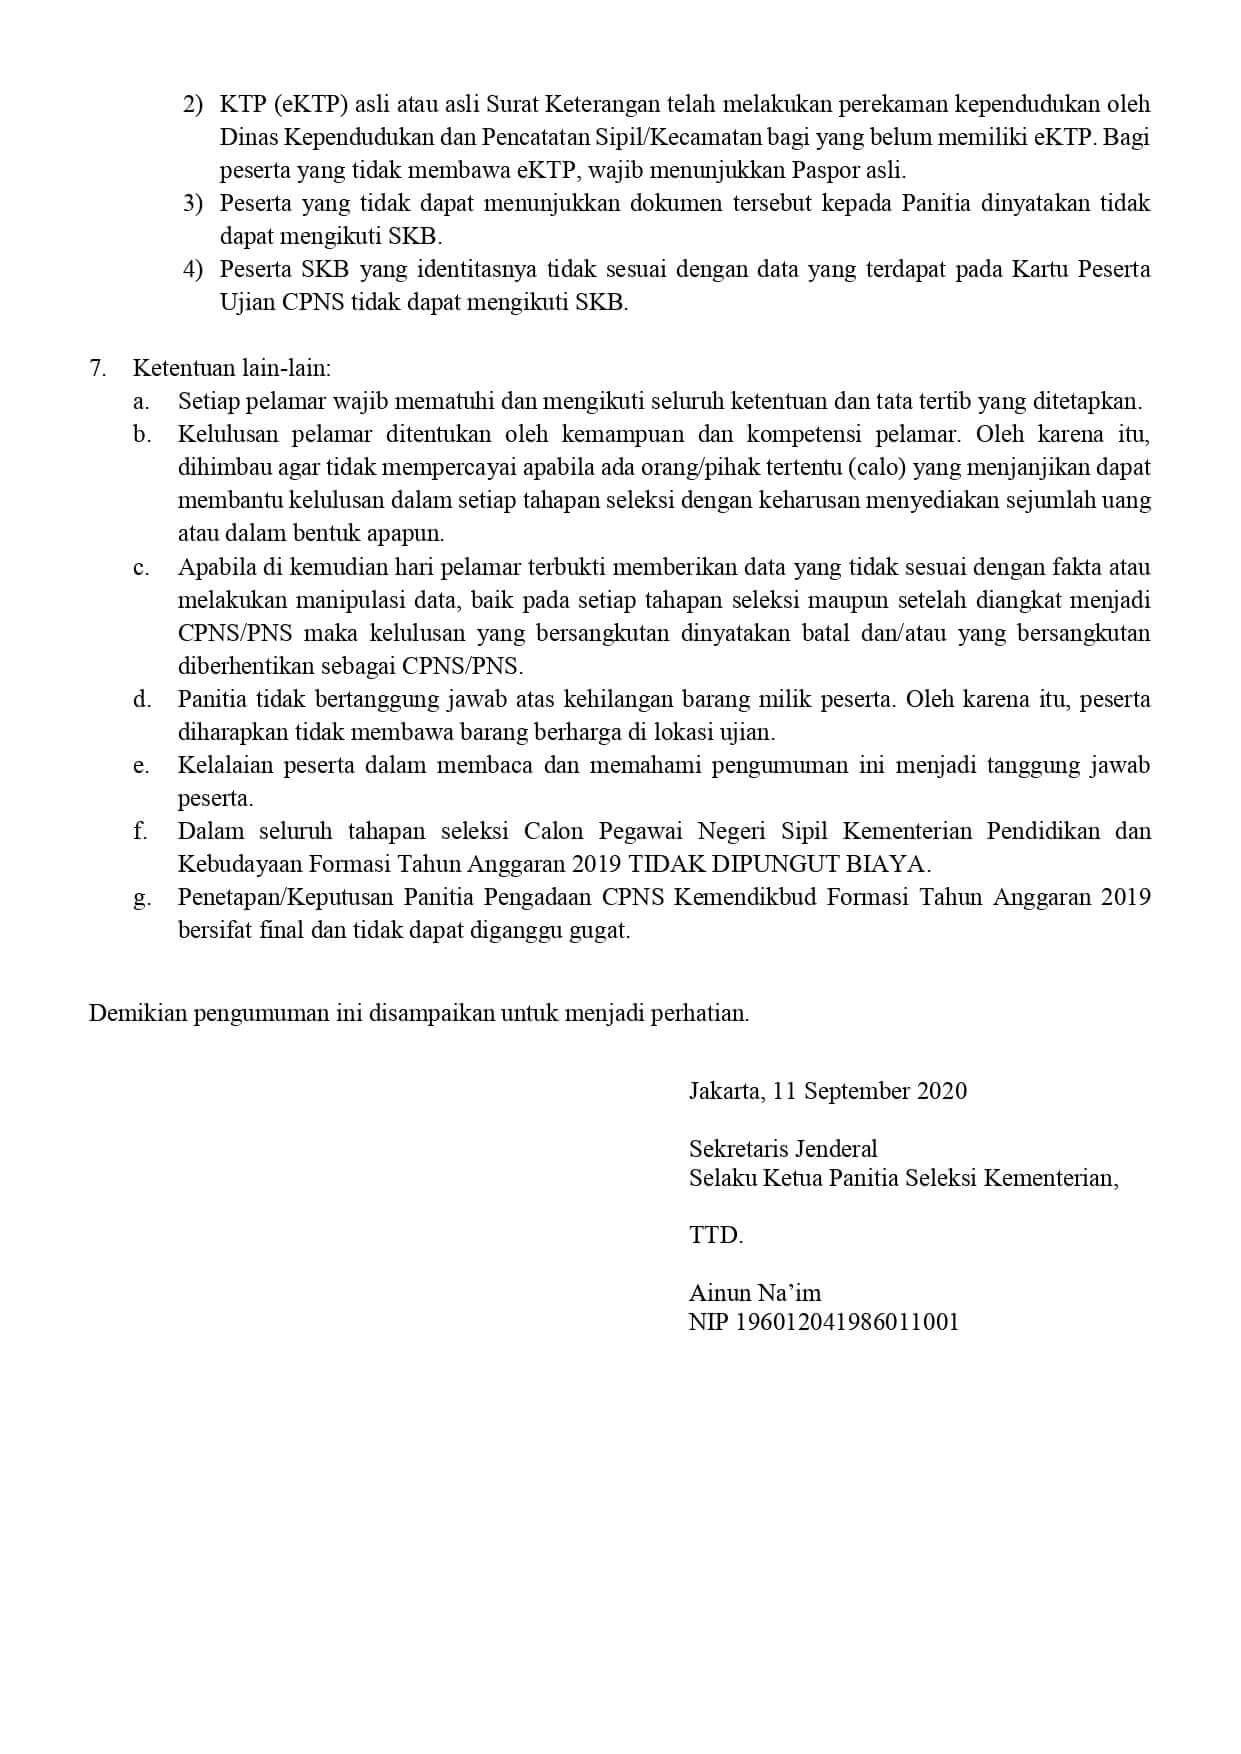 Daftar Peserta dan Jadwal SKB CPNS Kemendikbud Tahun 2020 3